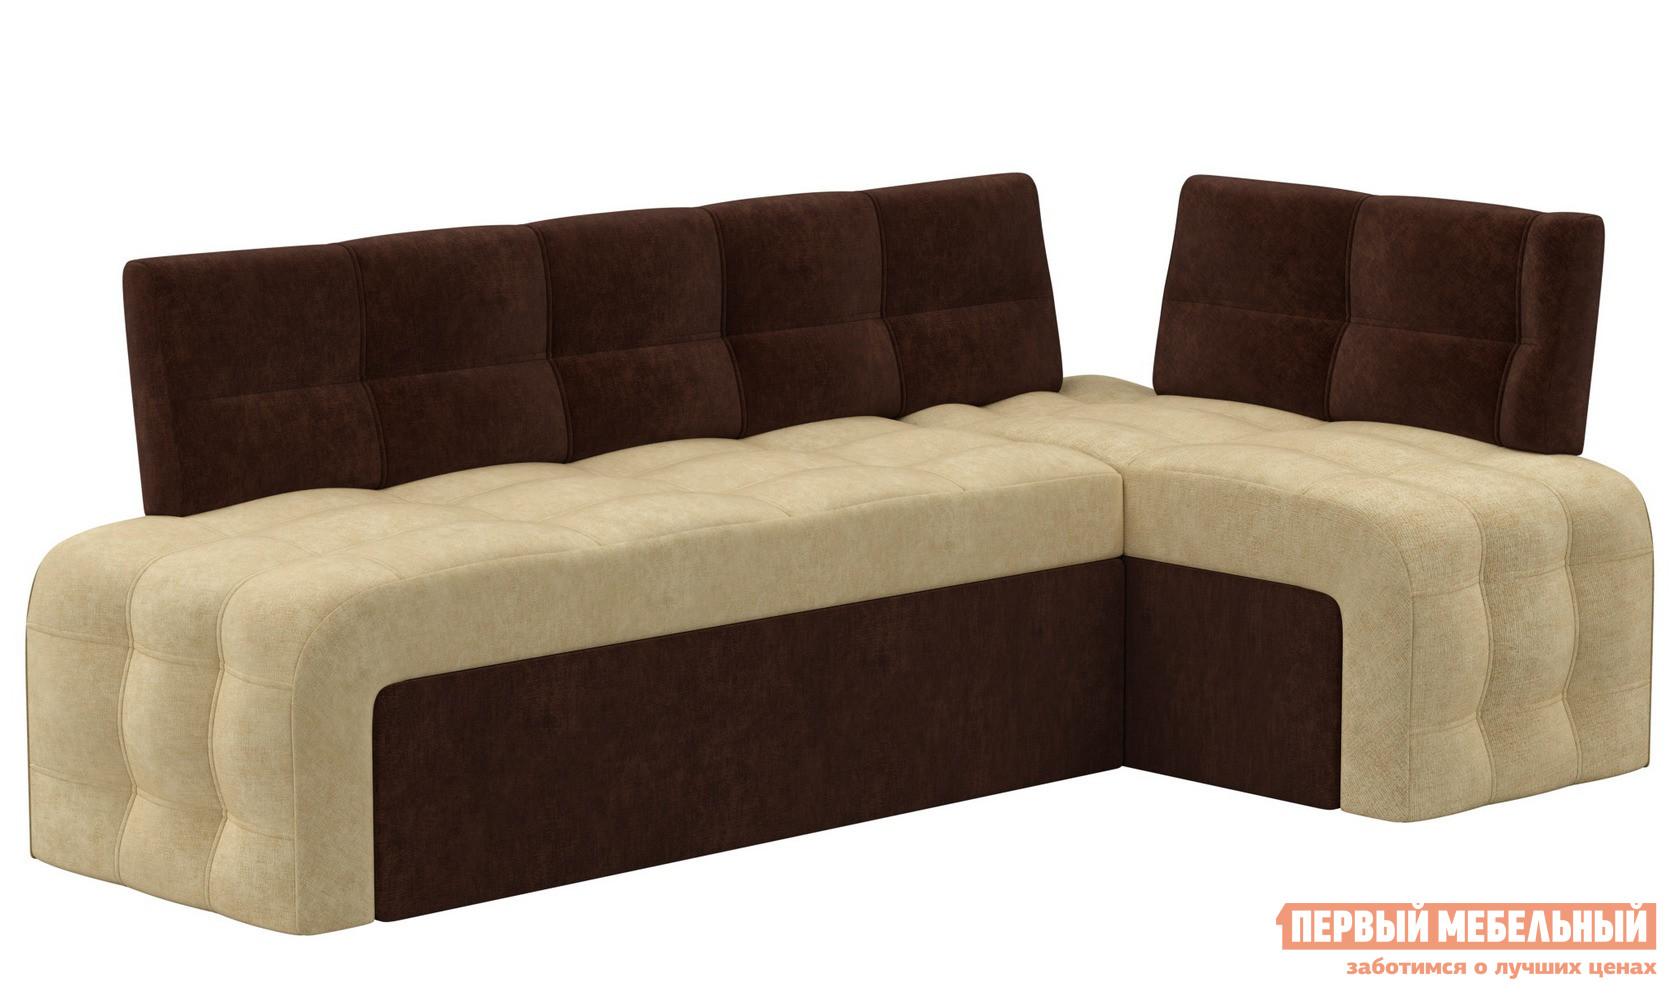 Мягкий диван купить в Москве